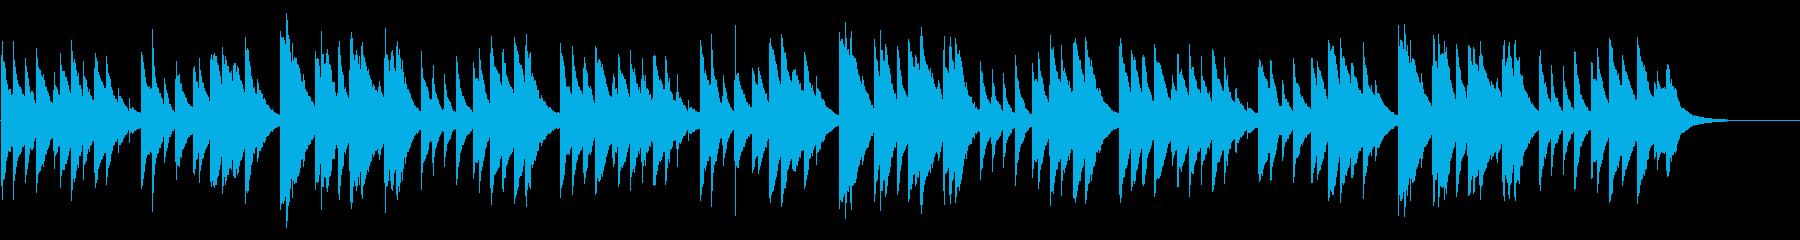 ふるさと 72弁オルゴールの再生済みの波形